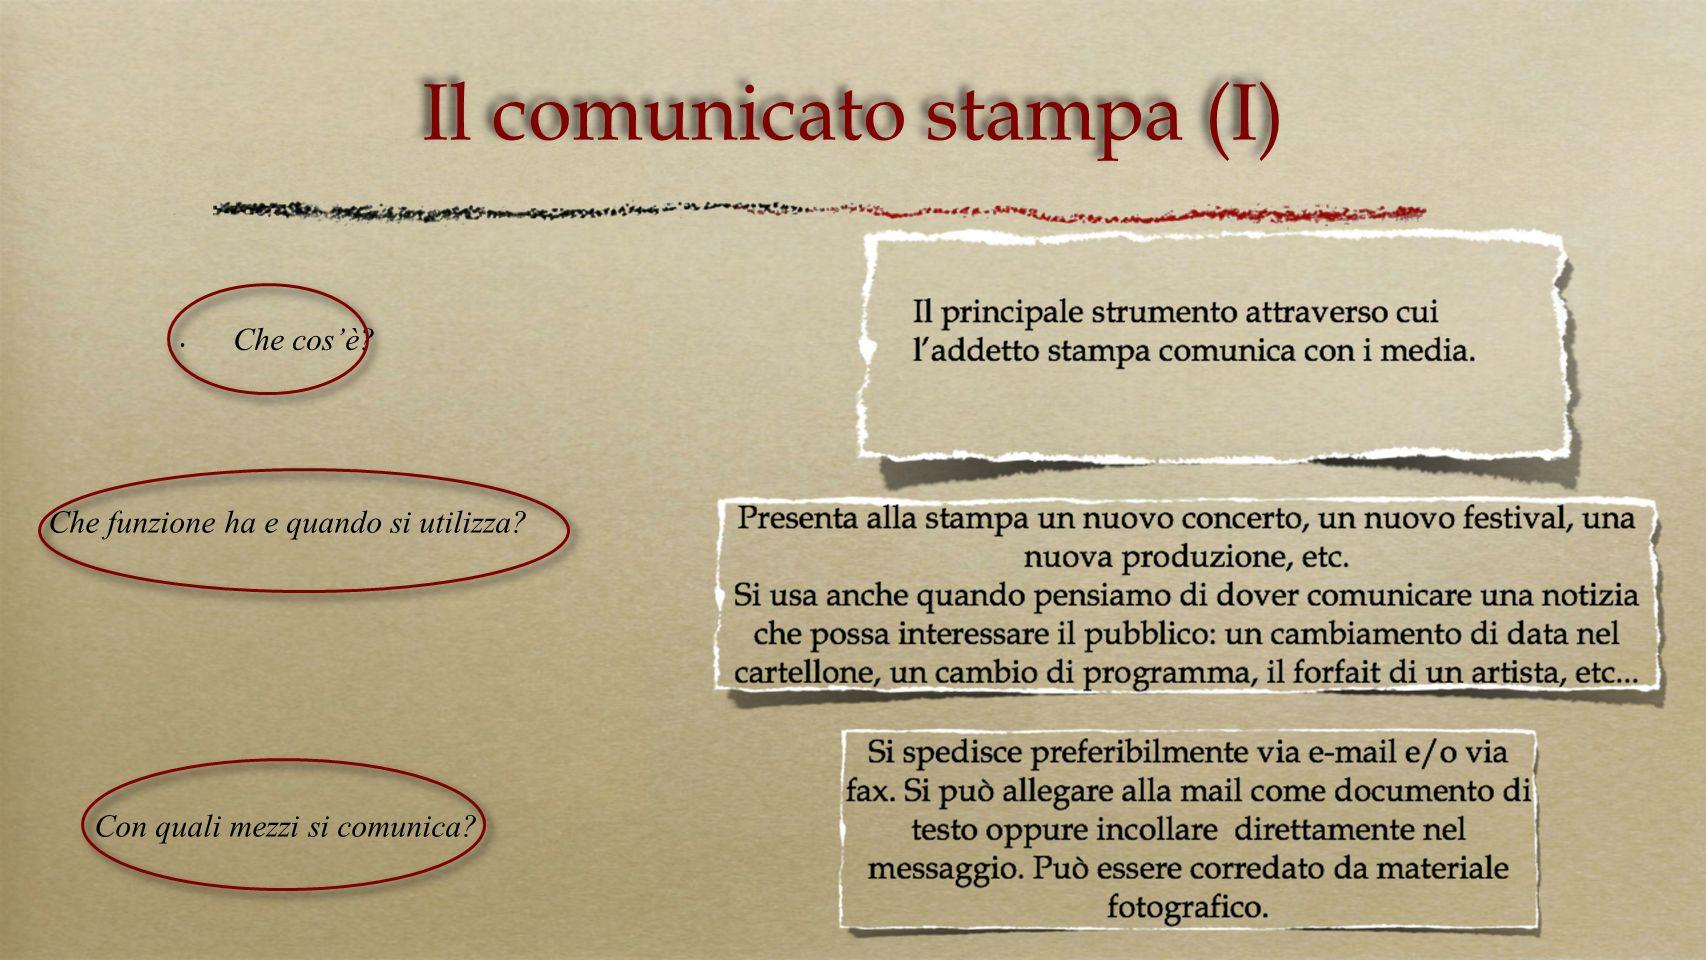 Il comunicato stampa (I) Che cosè? Che funzione ha e quando si utilizza? Con quali mezzi si comunica?